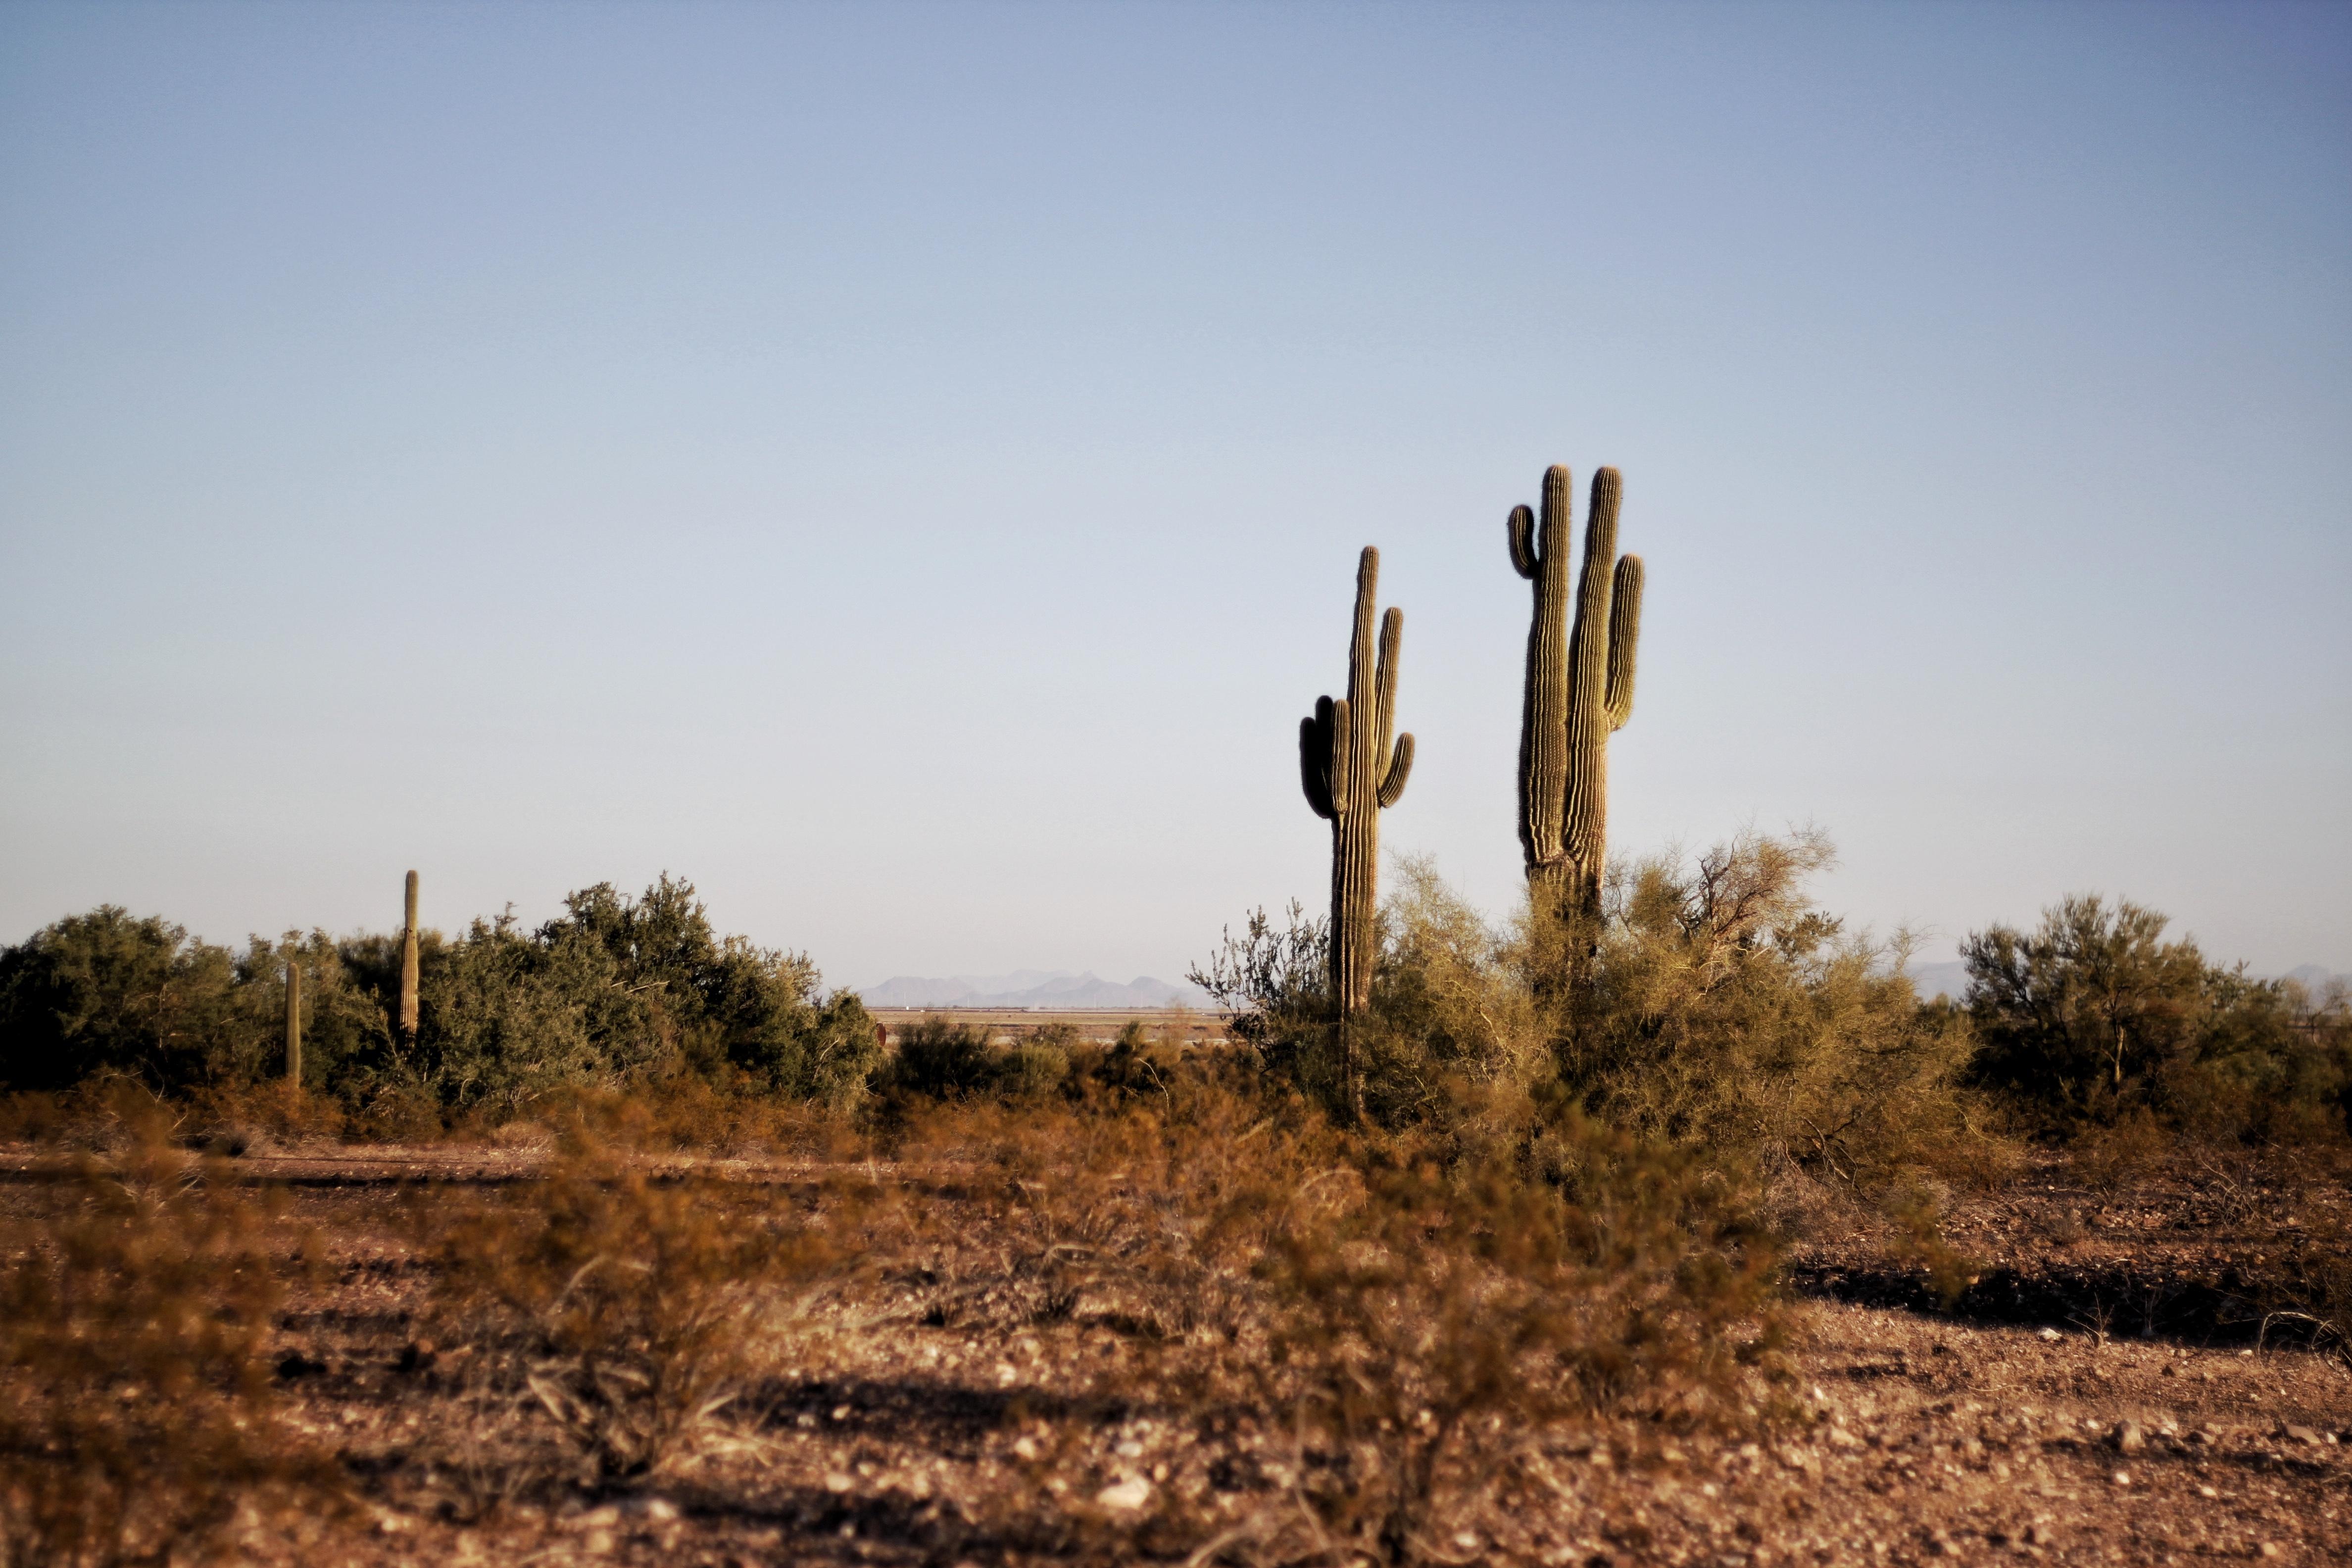 Laredo Texas Border Patrol agent